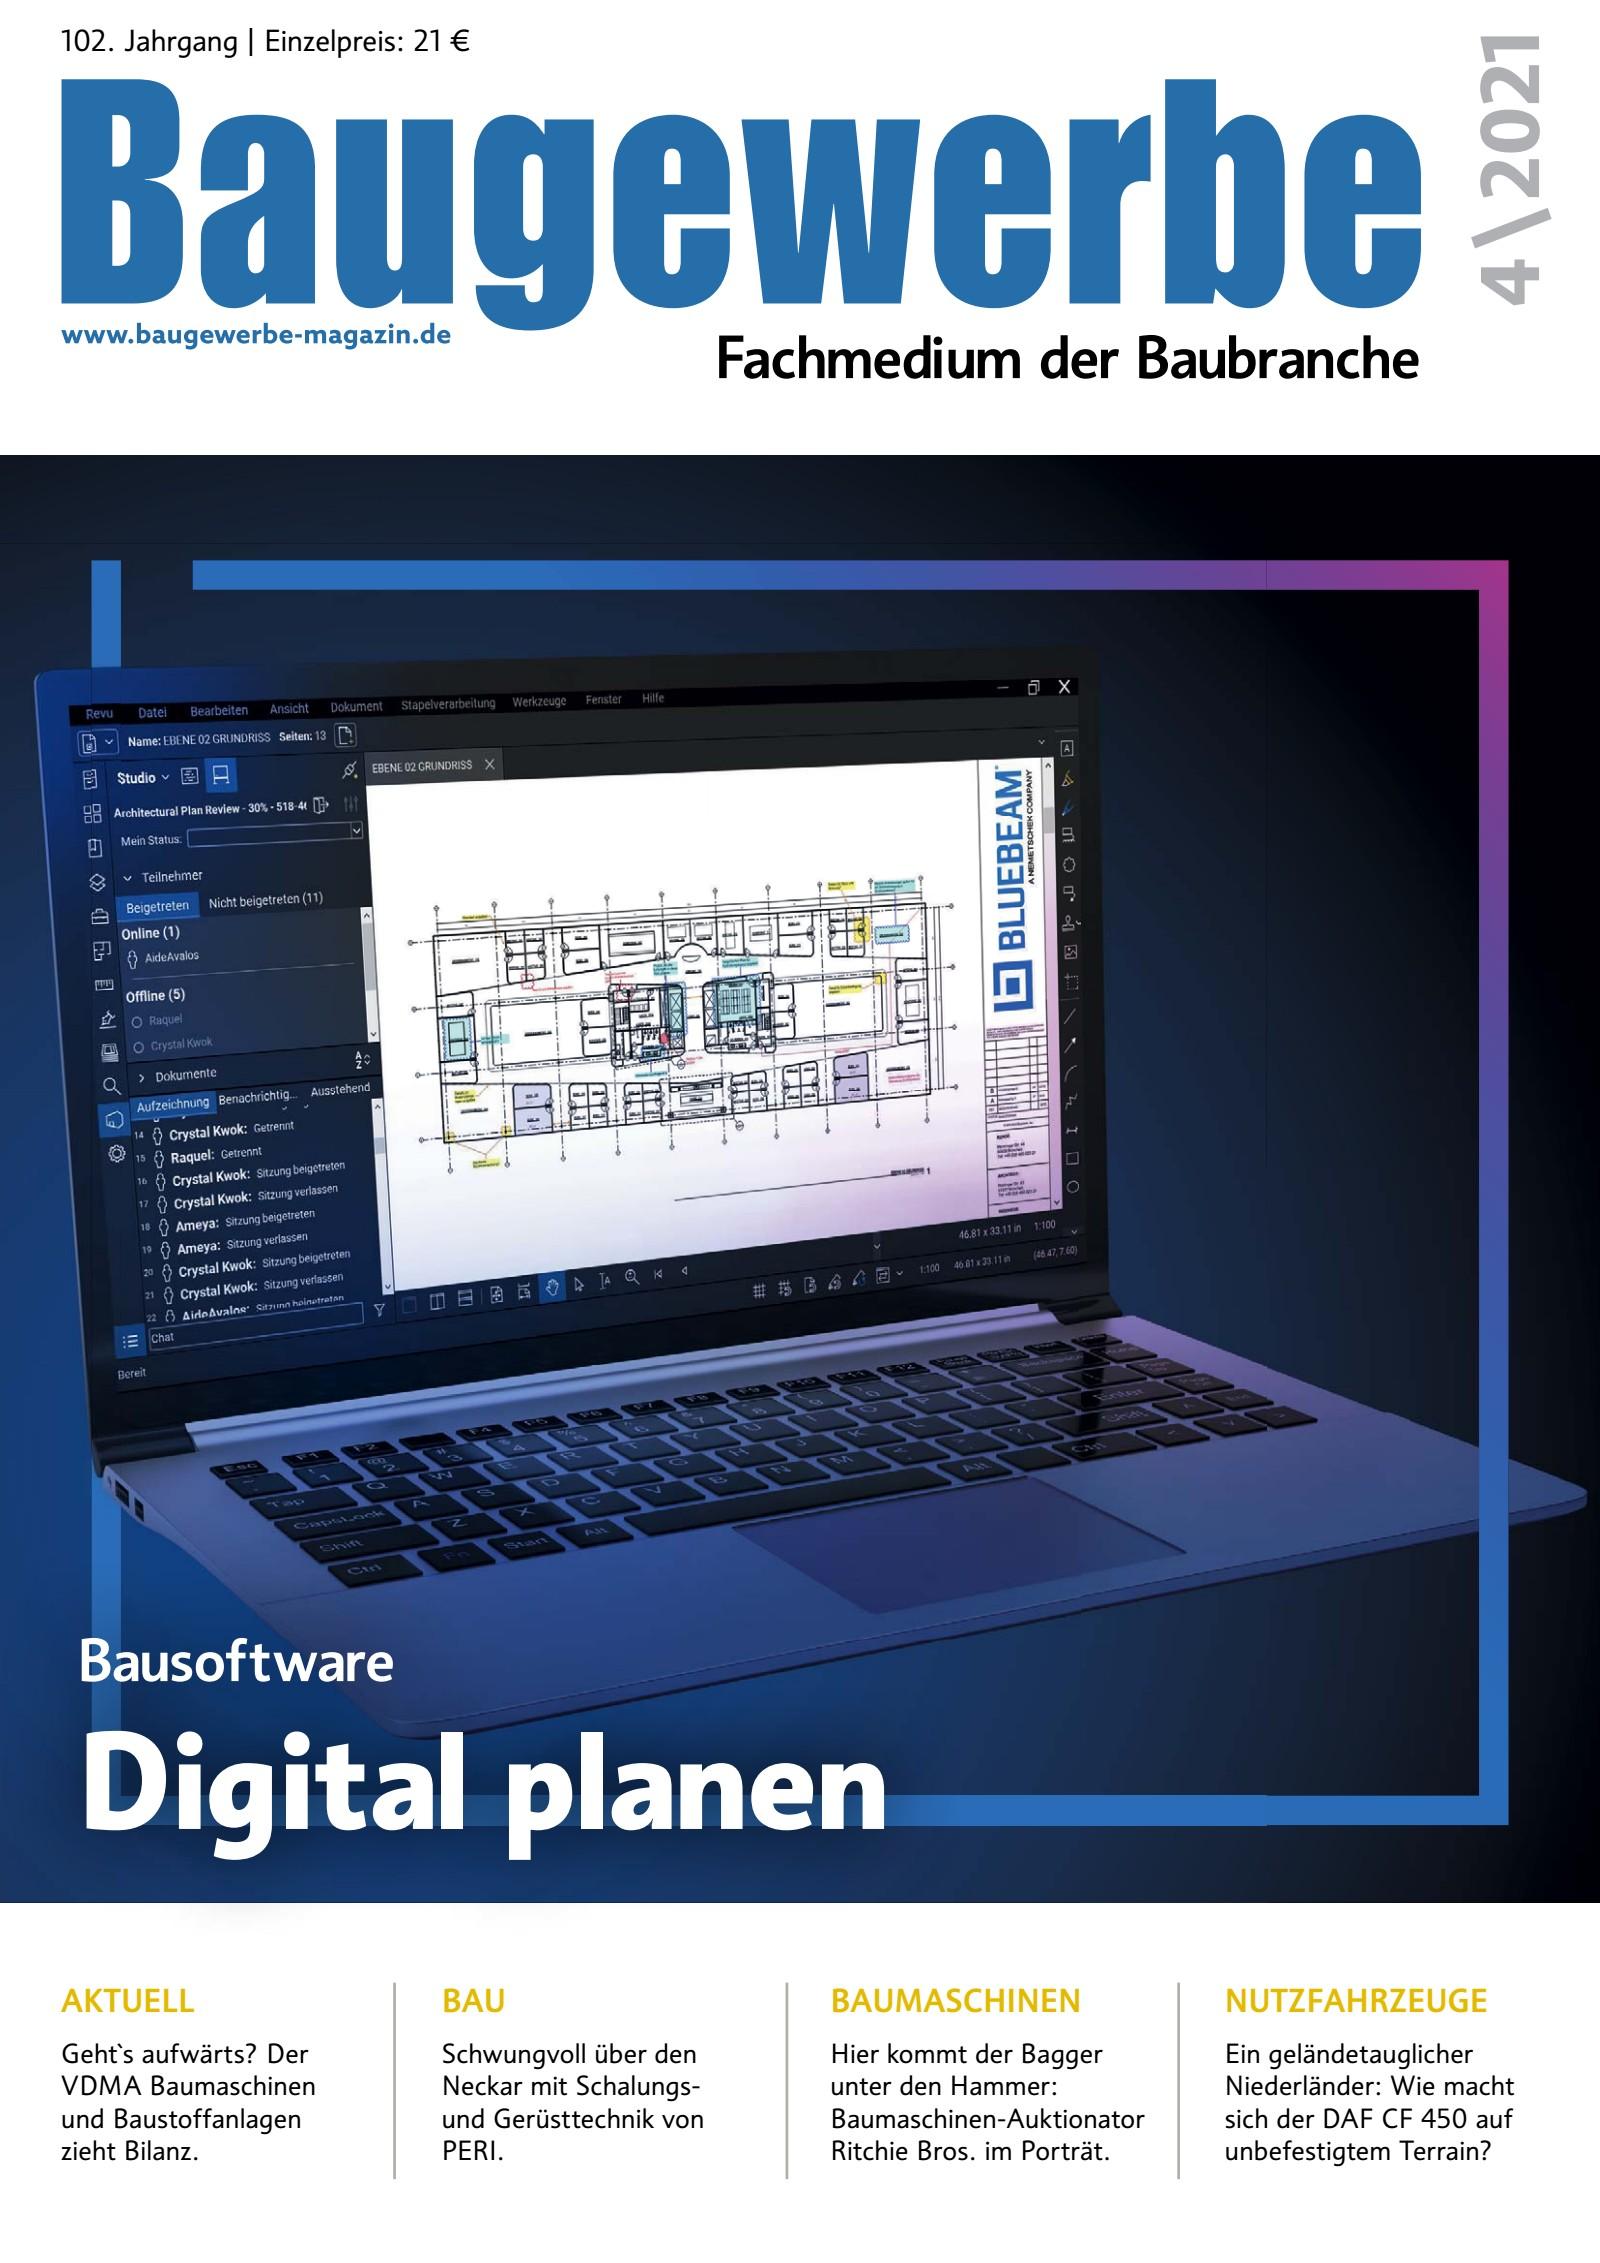 Baugewerbe 04/2021 Digital